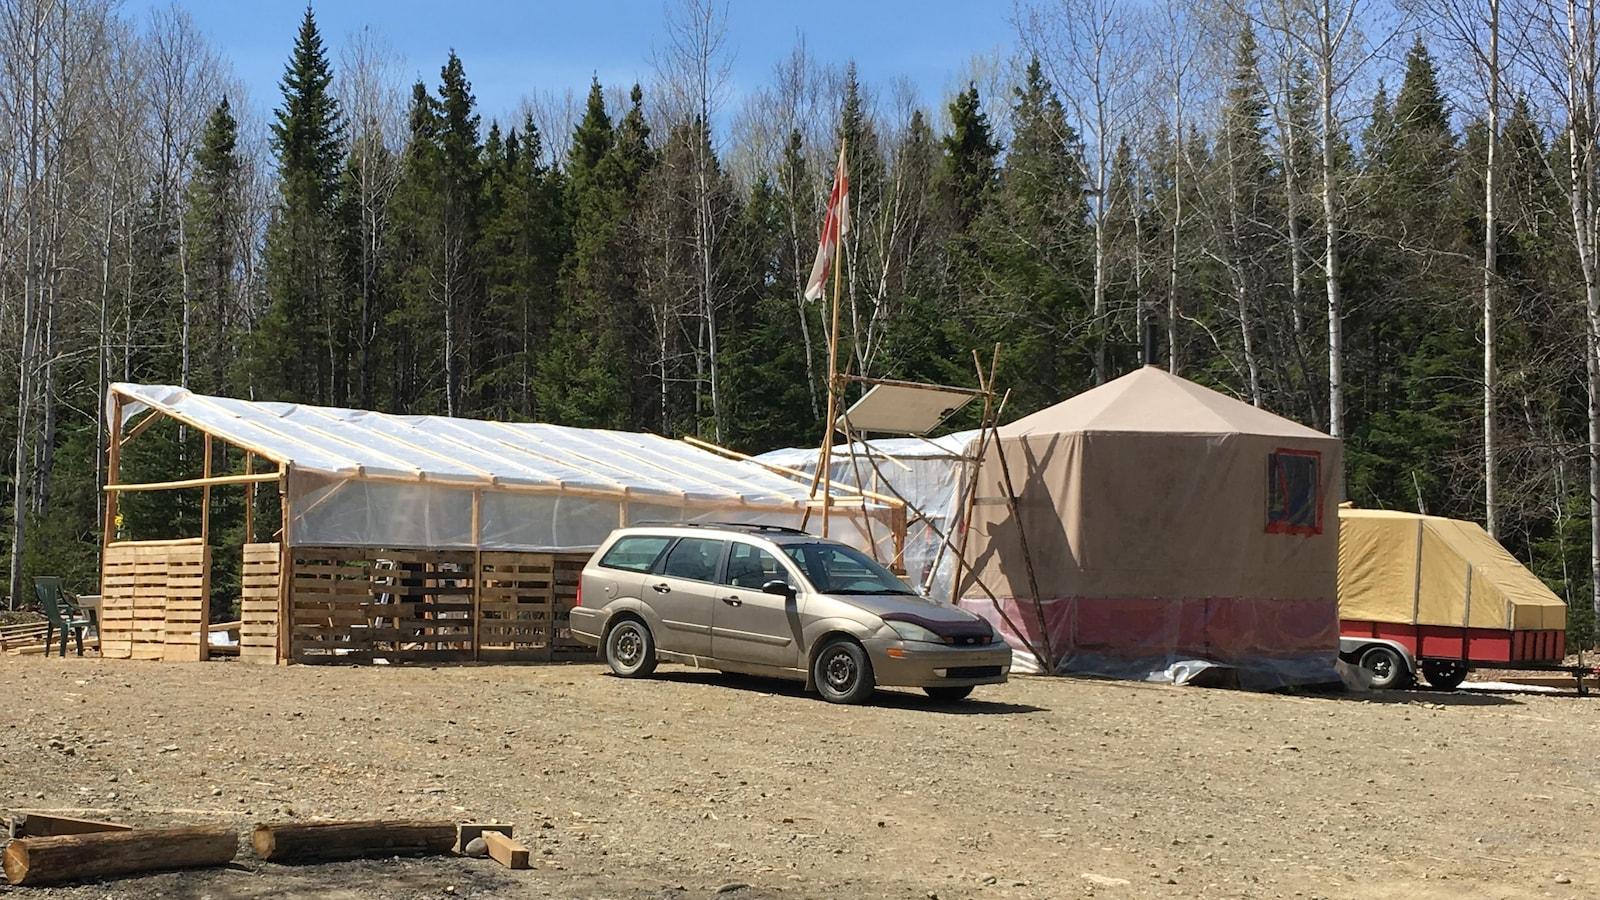 Installations du campement situé près des chemins forestiers qui mènent aux puits Galt no 4 et Galt no 5 de Junex